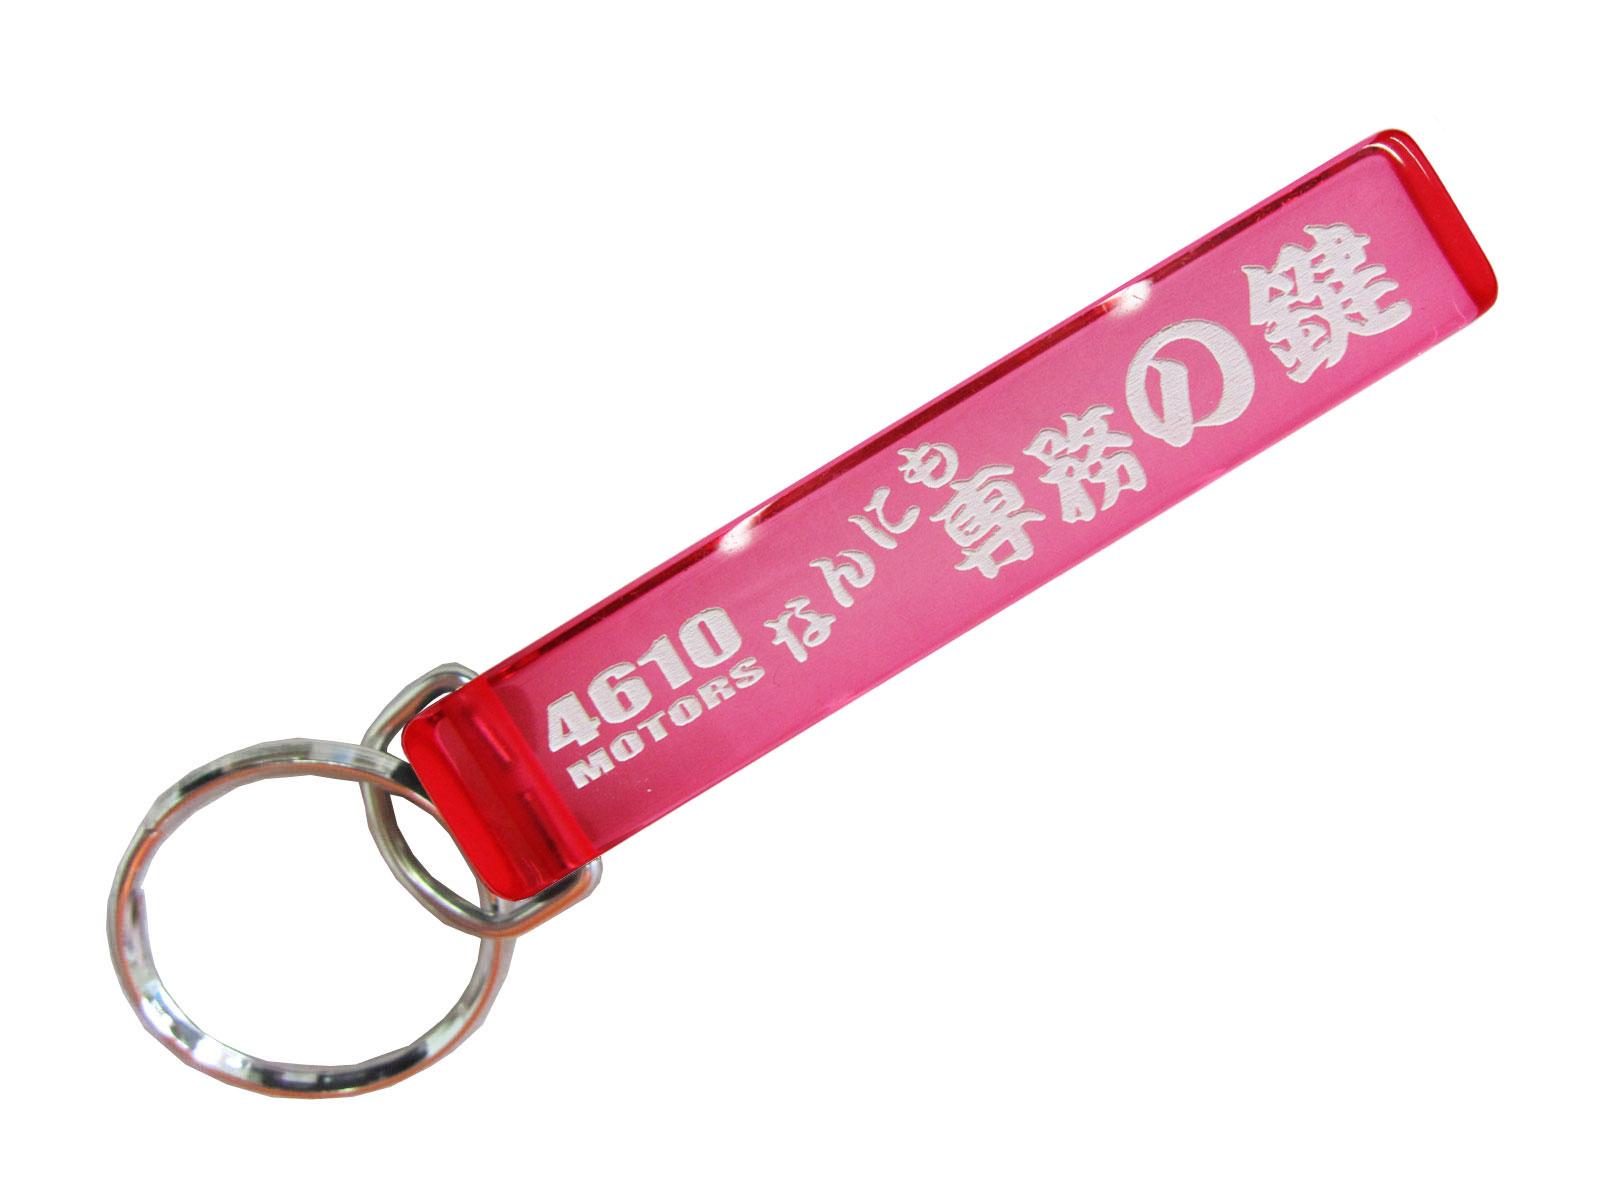 なんにも 専務の鍵/シロウトモータース★4610MOTORS★Mini HOTEL K/R☆ミニホテルキーリング★なんにもせんむ